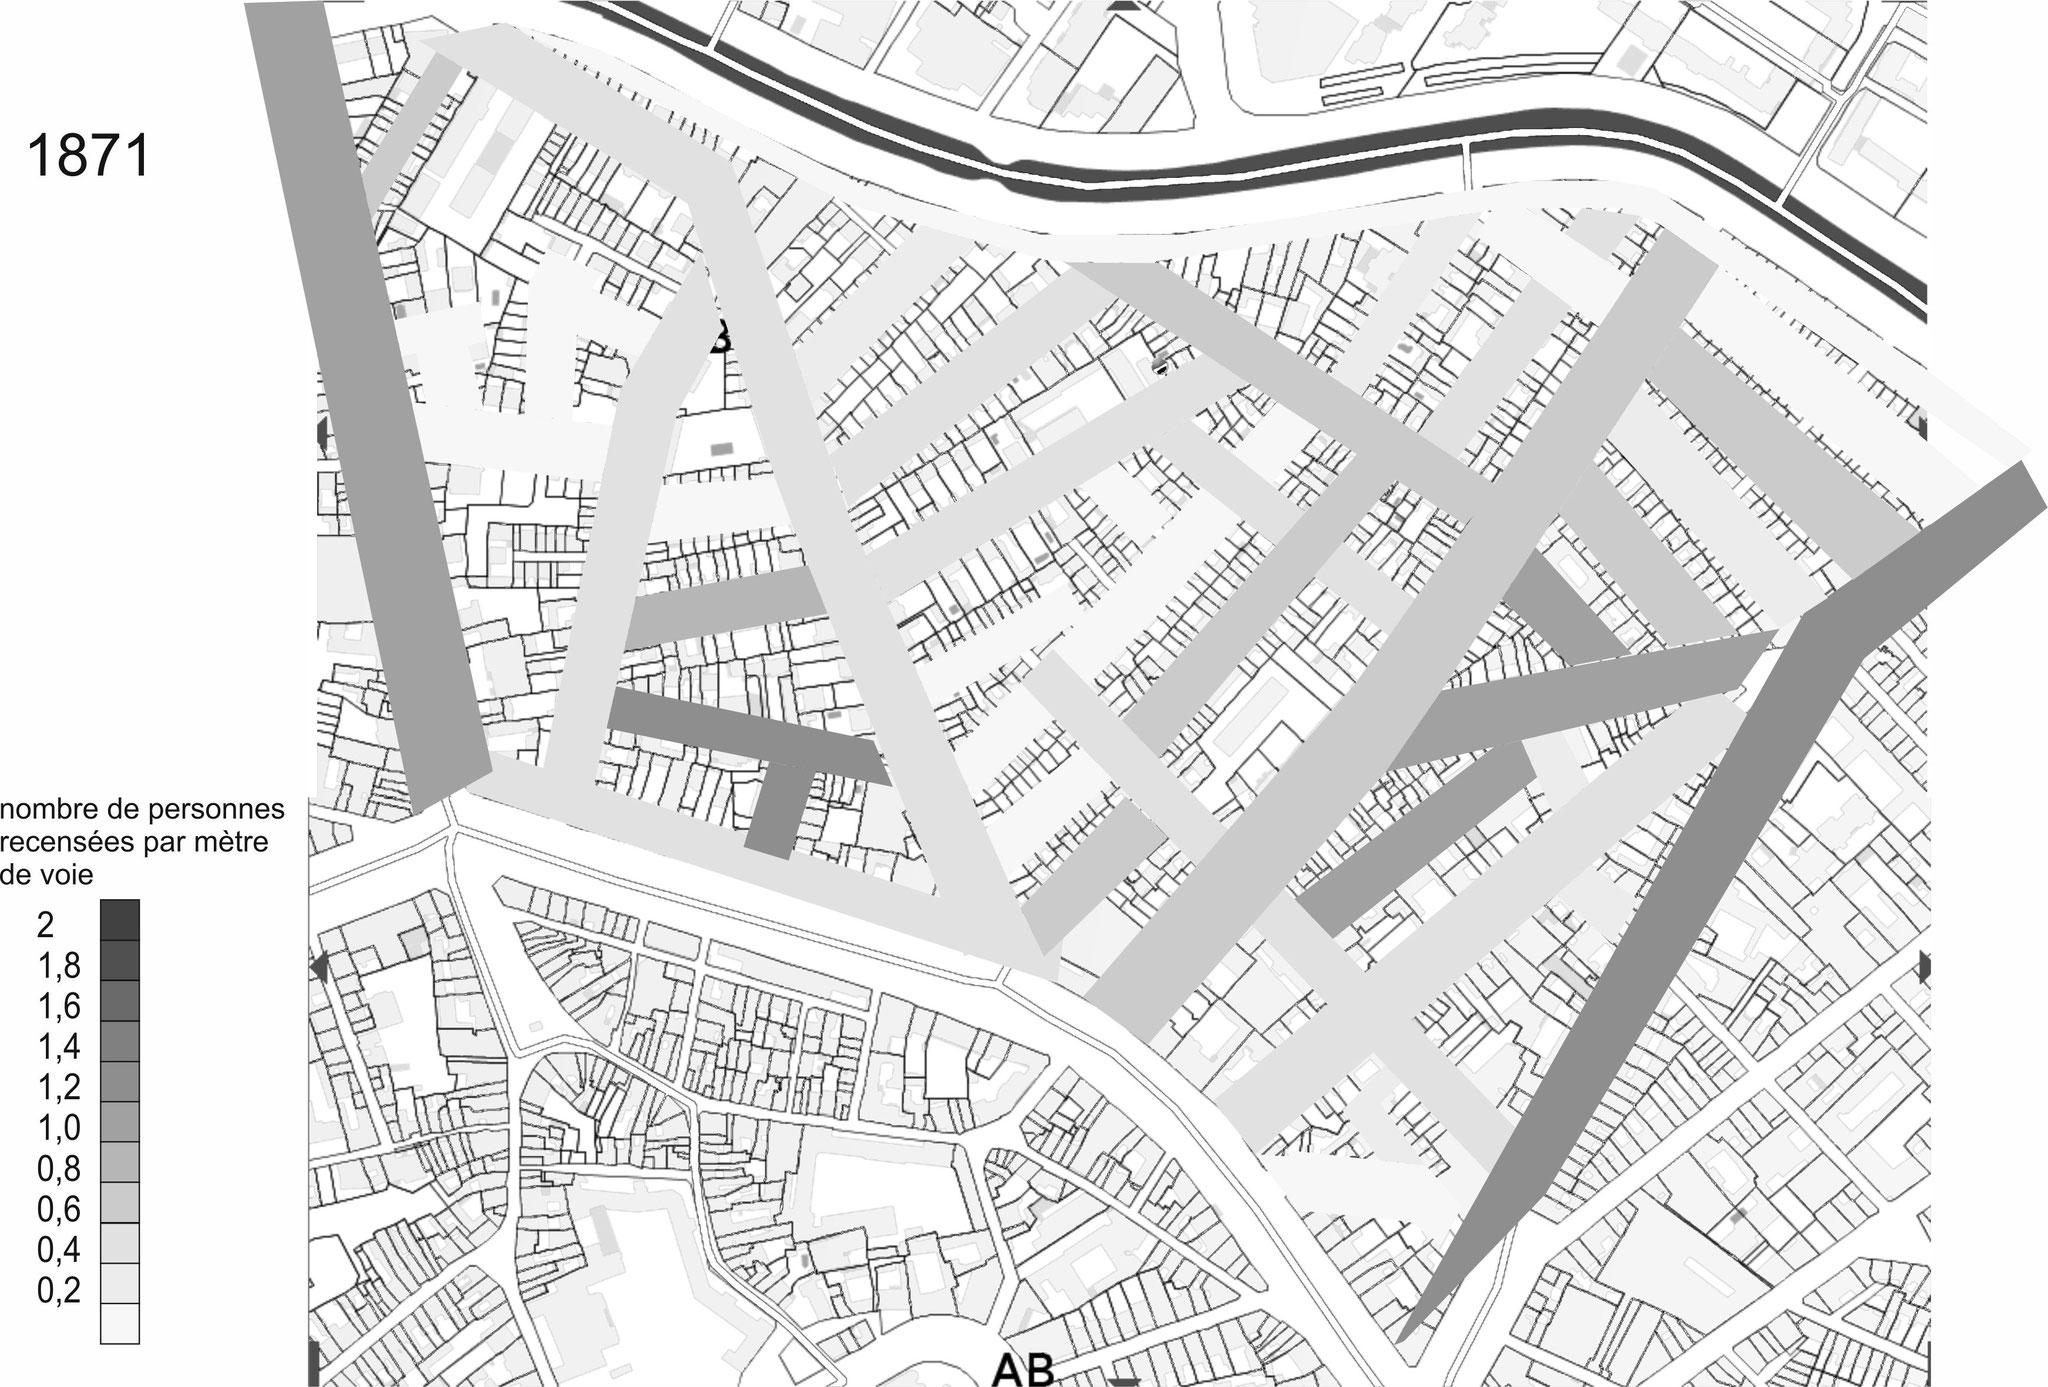 Sans rôle fonctionnel autre que résidentiel, certaines rues se remplissent grâce à des opérations immobilières